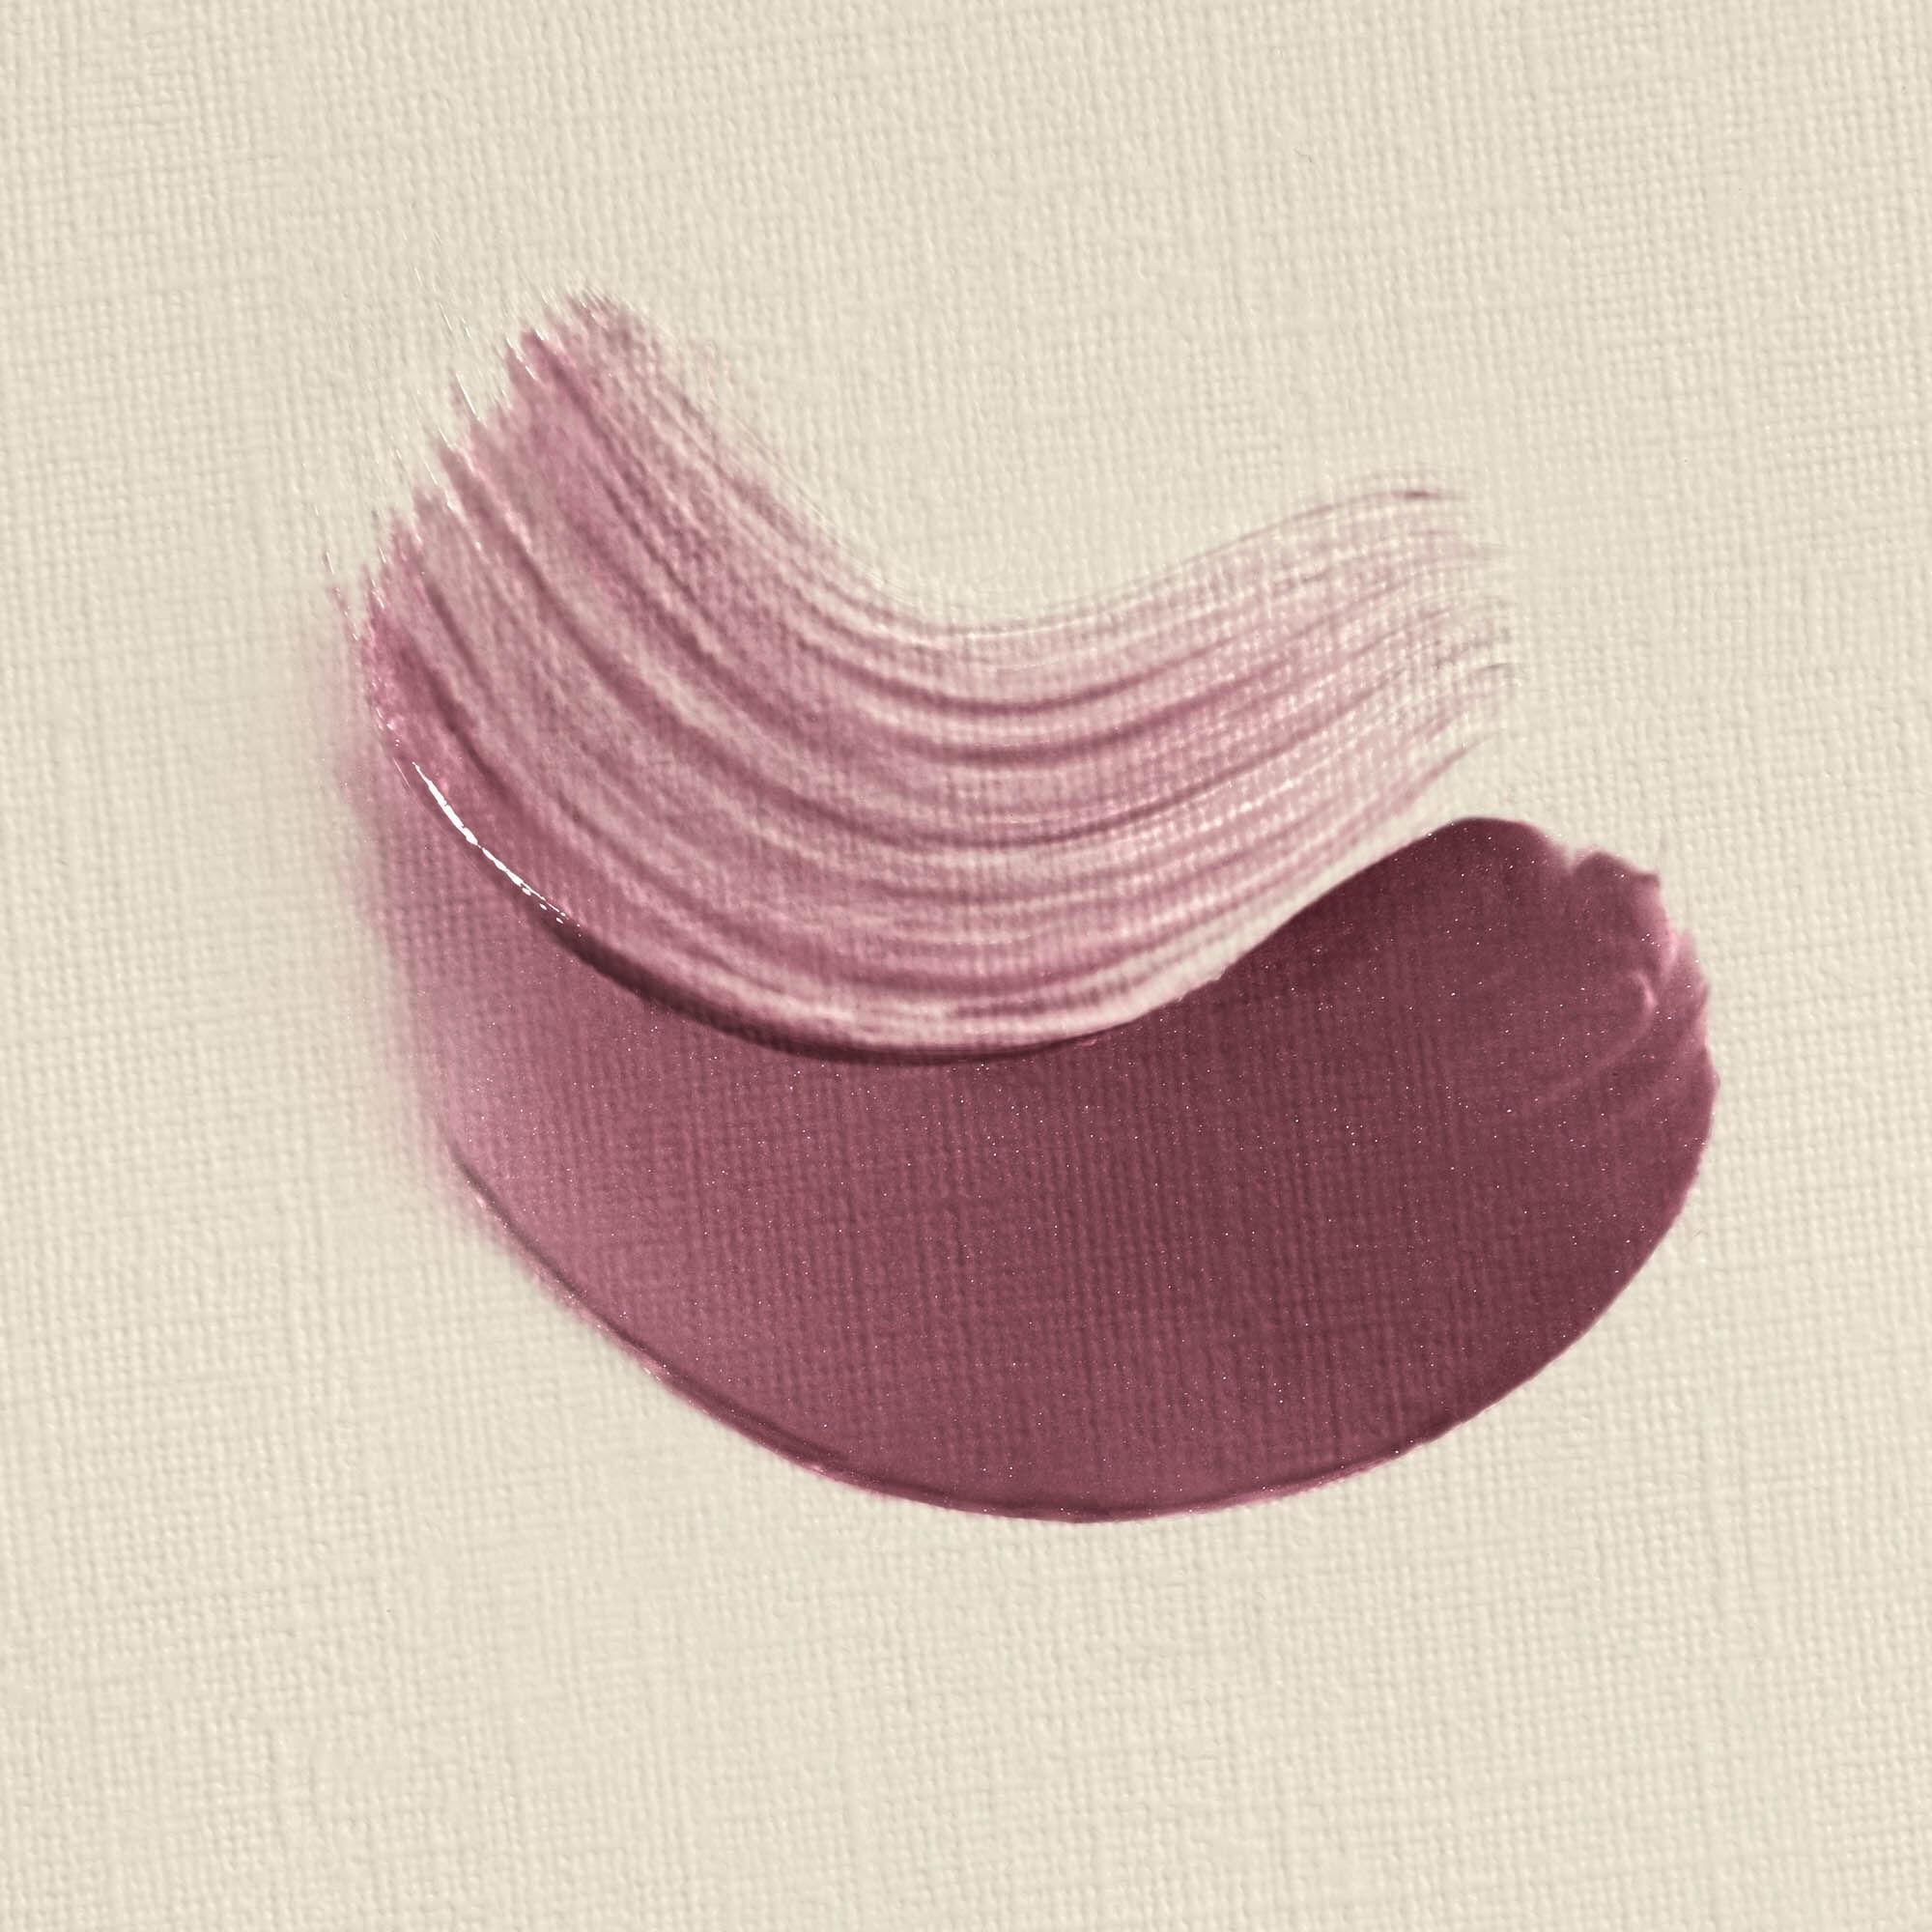 Tinted Lip Balm, Plum Drop